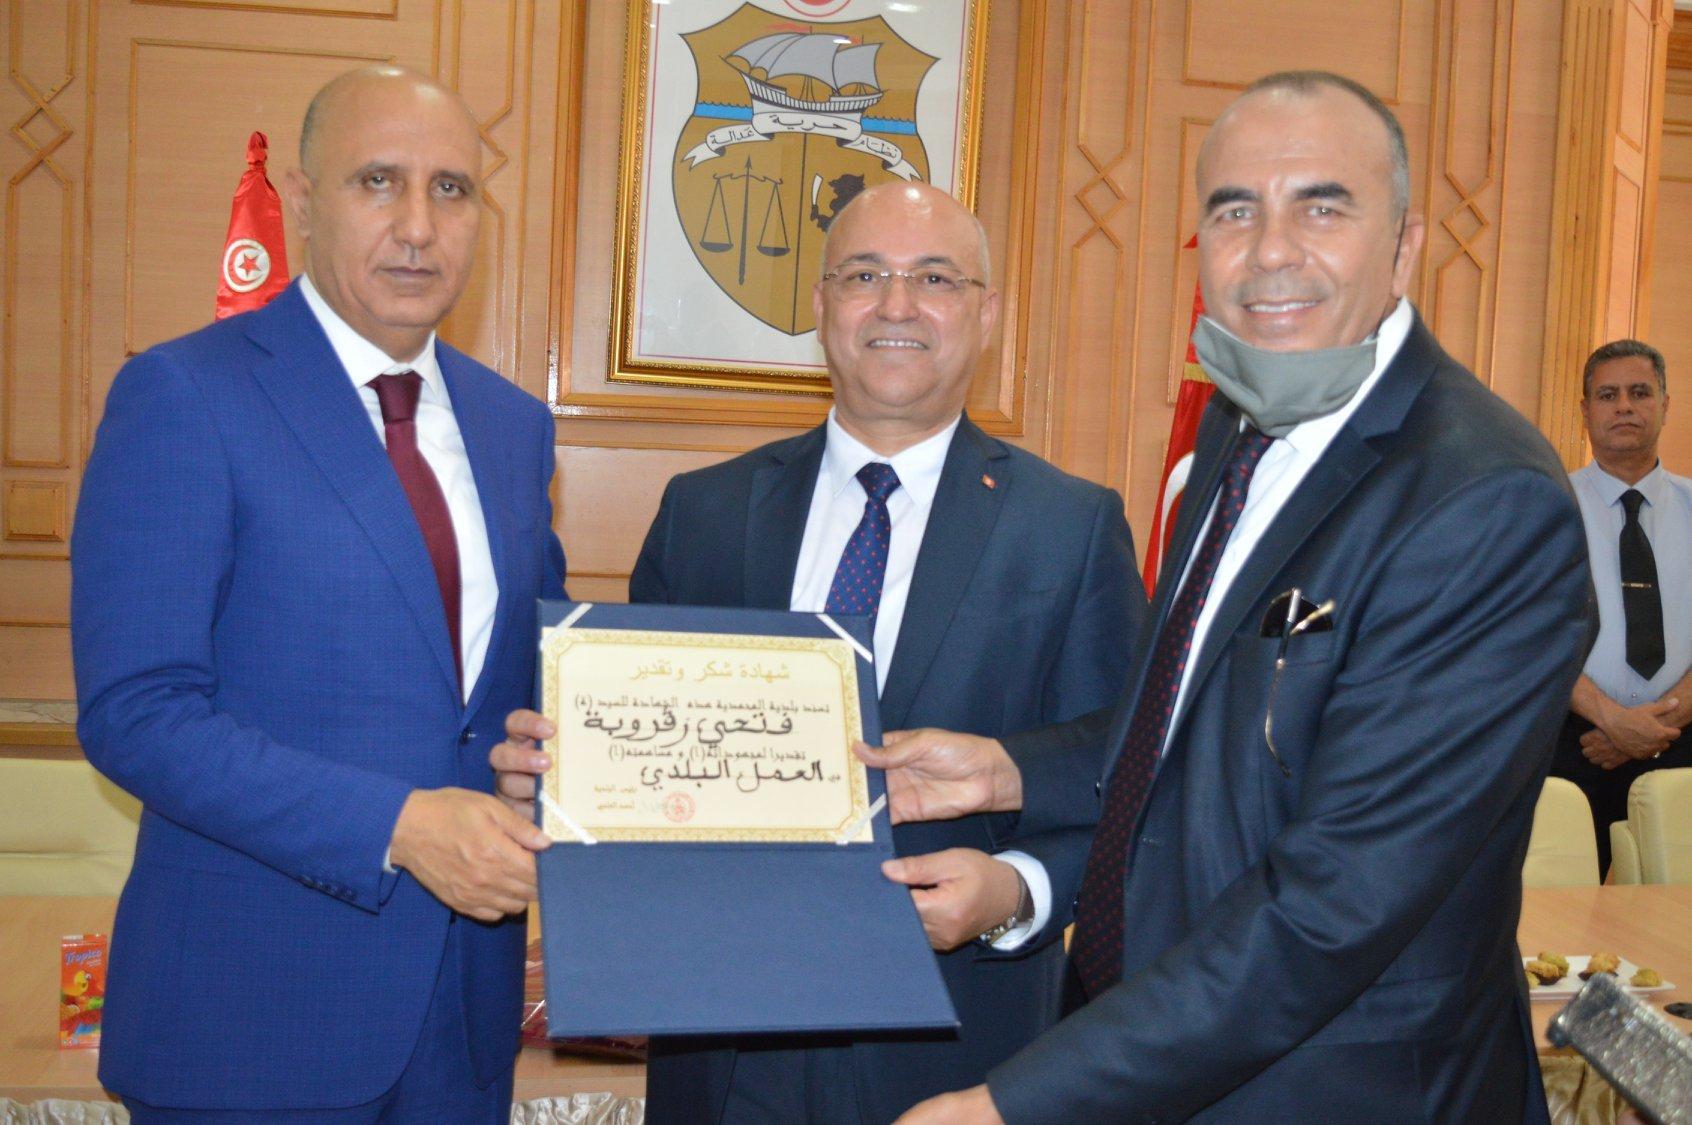 صورة فتحي زقروبة: مدير عام لمدينة العلوم بتونس